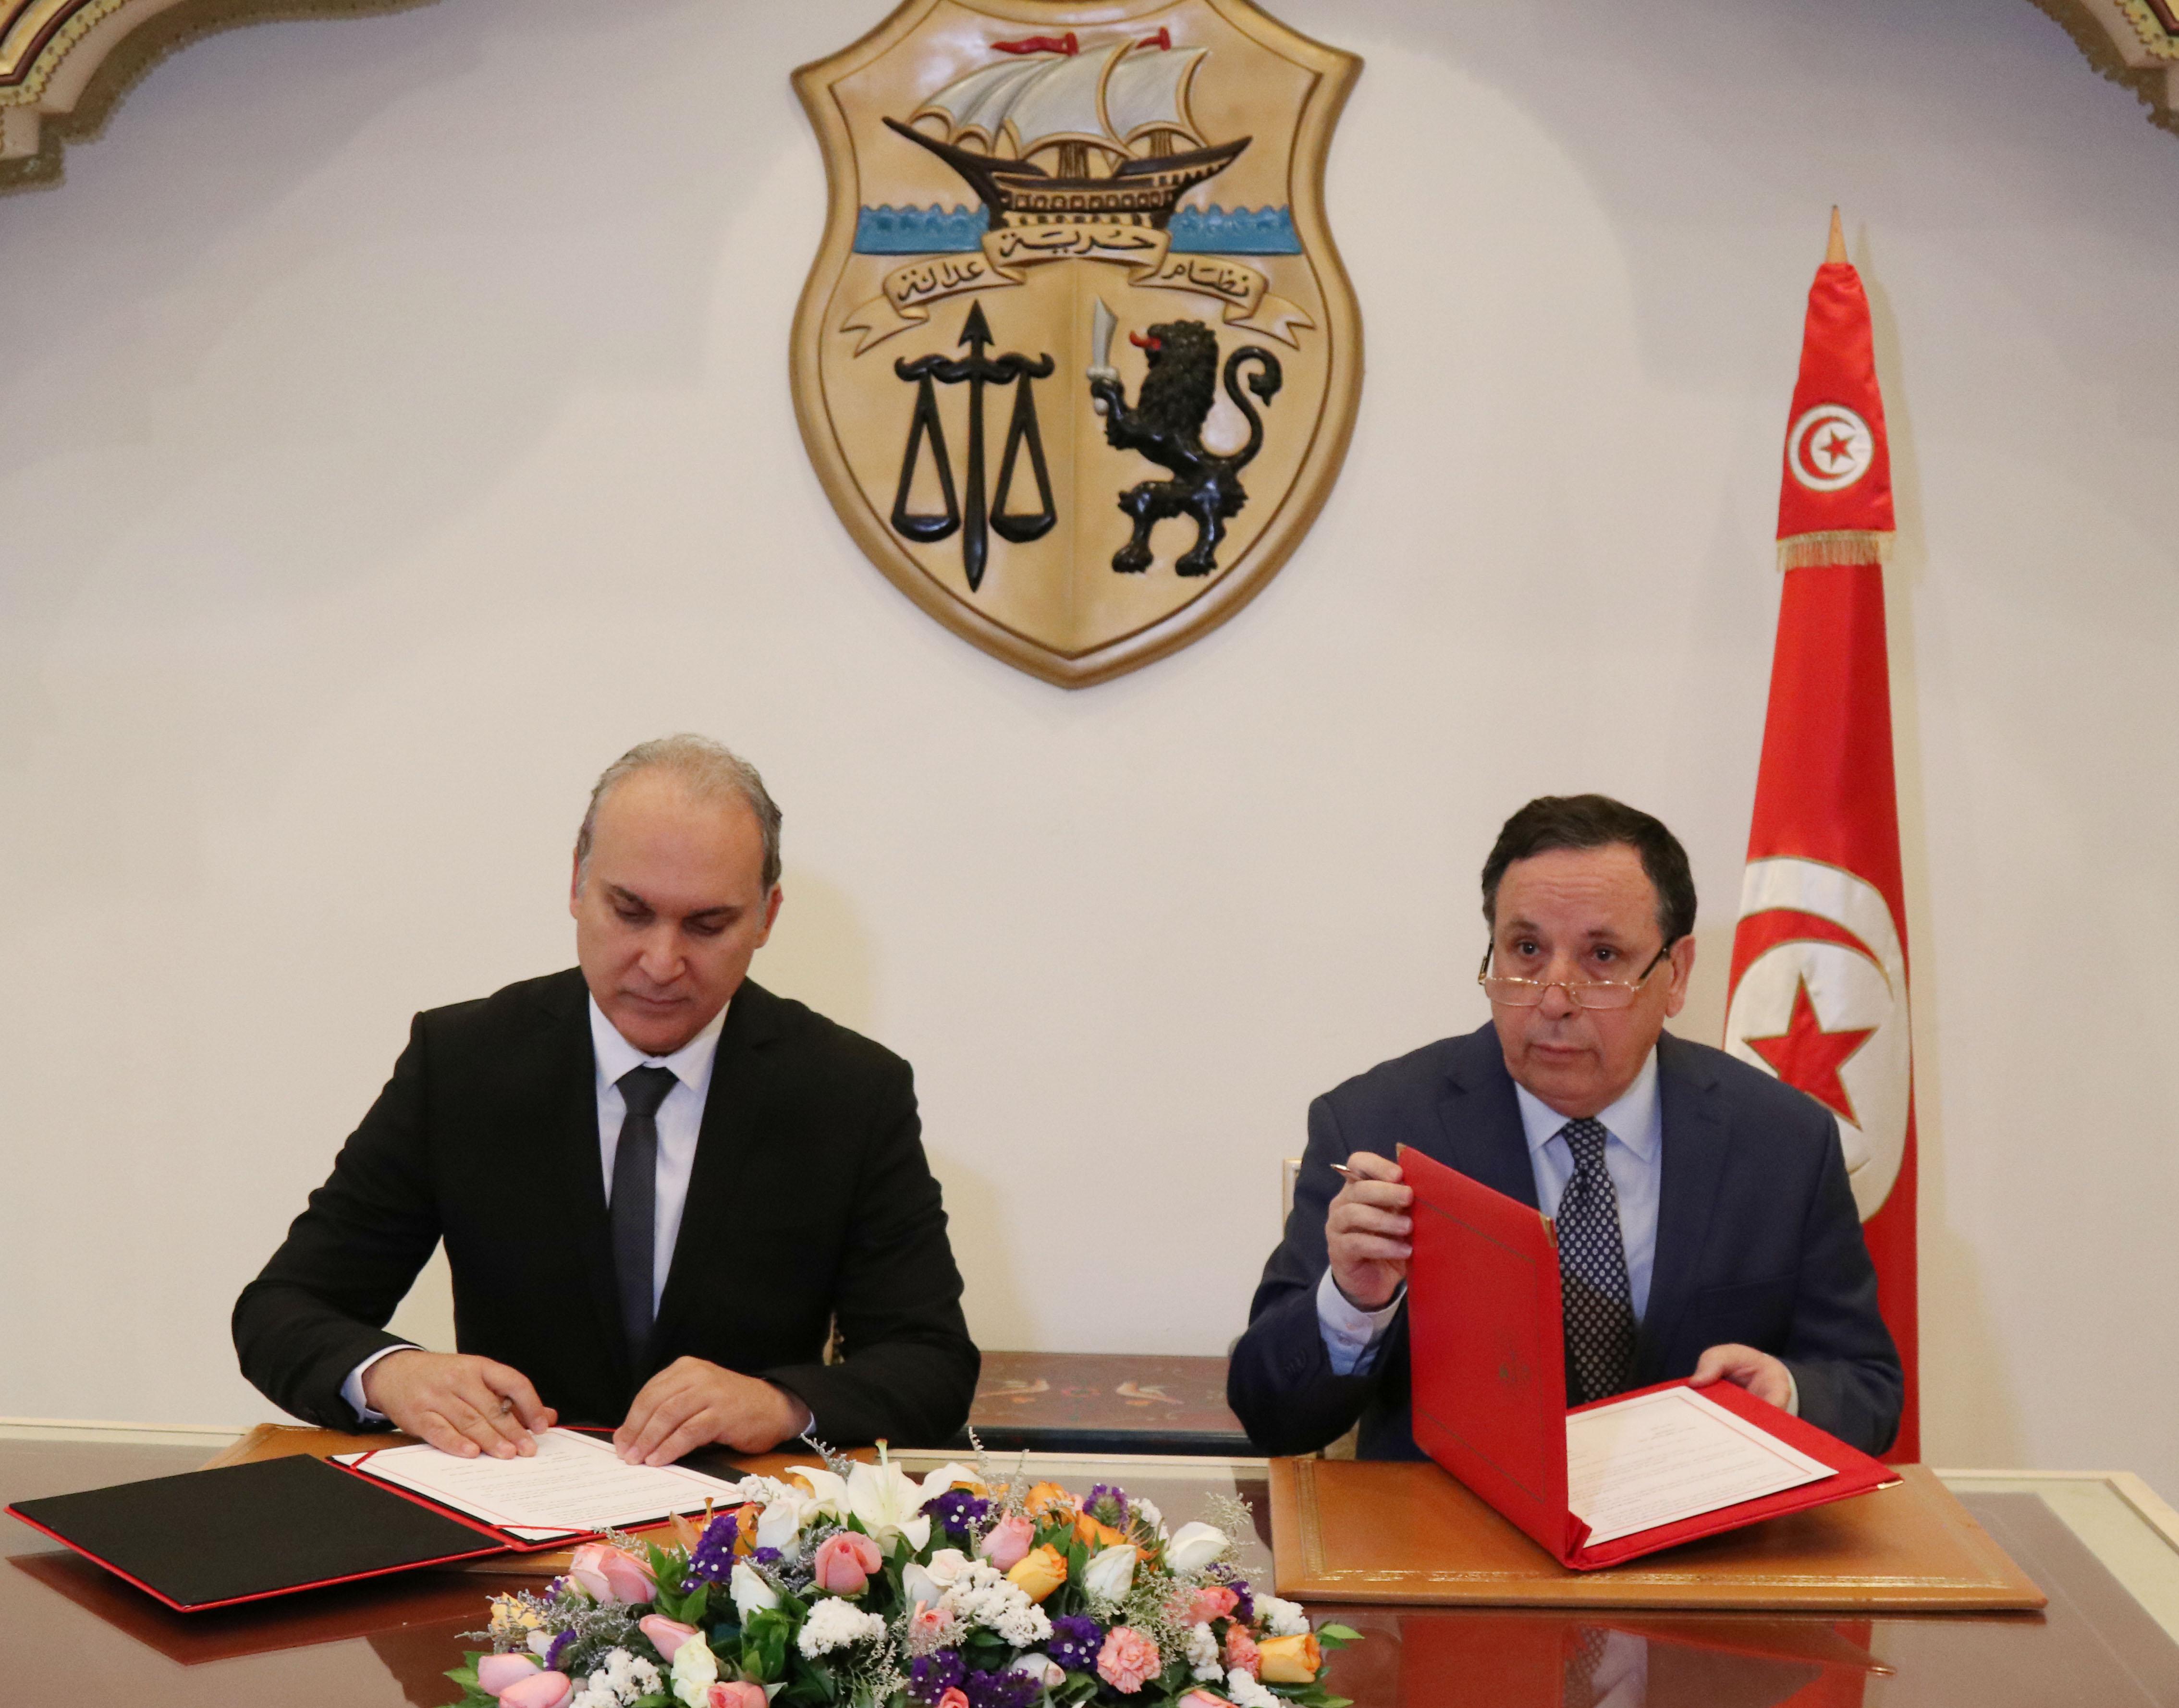 التوقيع على مذكرة تفاهم بين وزارة الشؤون الخارجية والهيئة العليا المستقلة للإنتخابات: